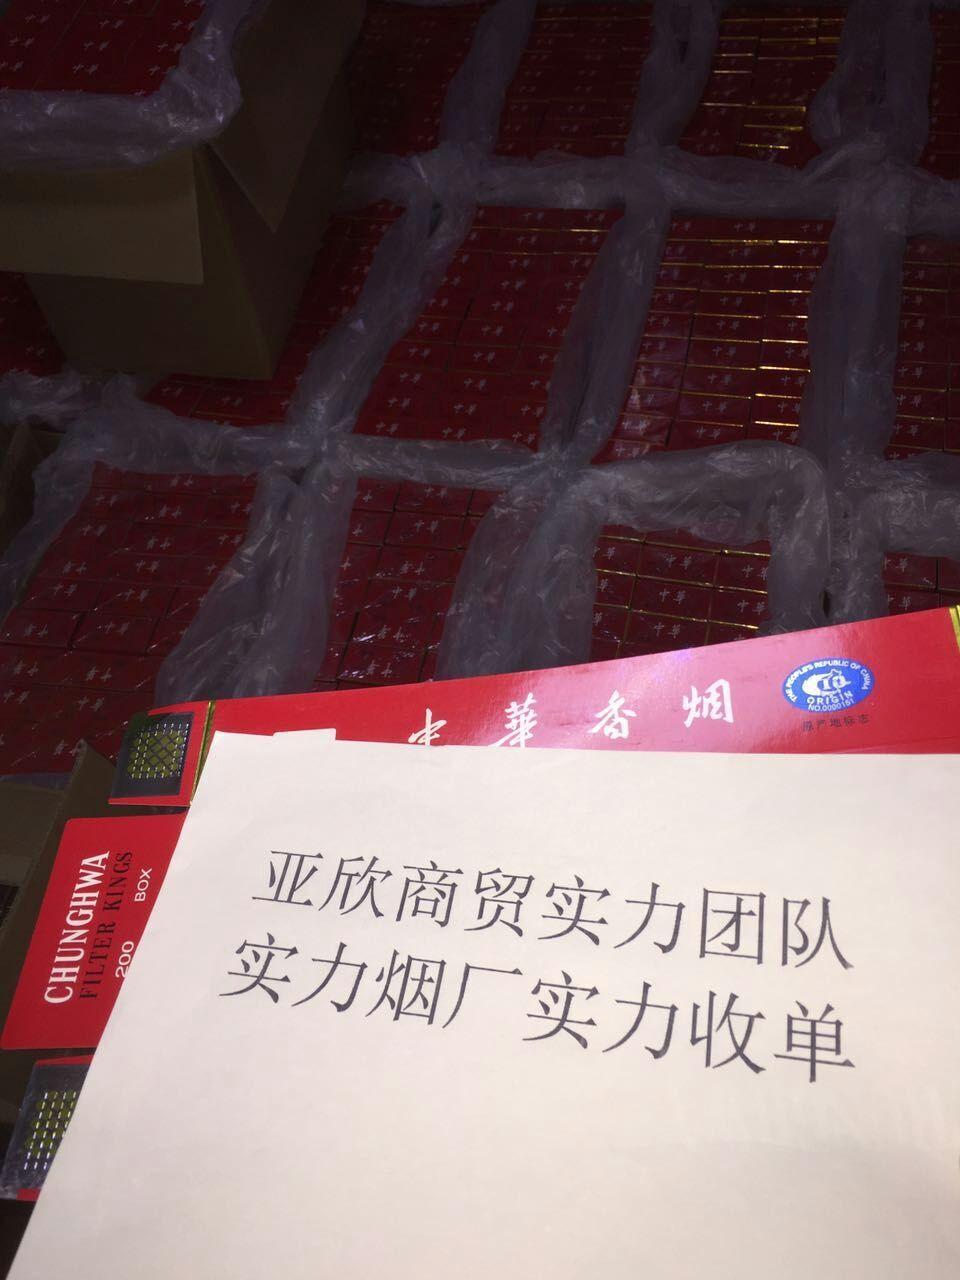 这是第3张亚欣商贸香烟稳定供货找货源就找亚欣商贸的货源图片